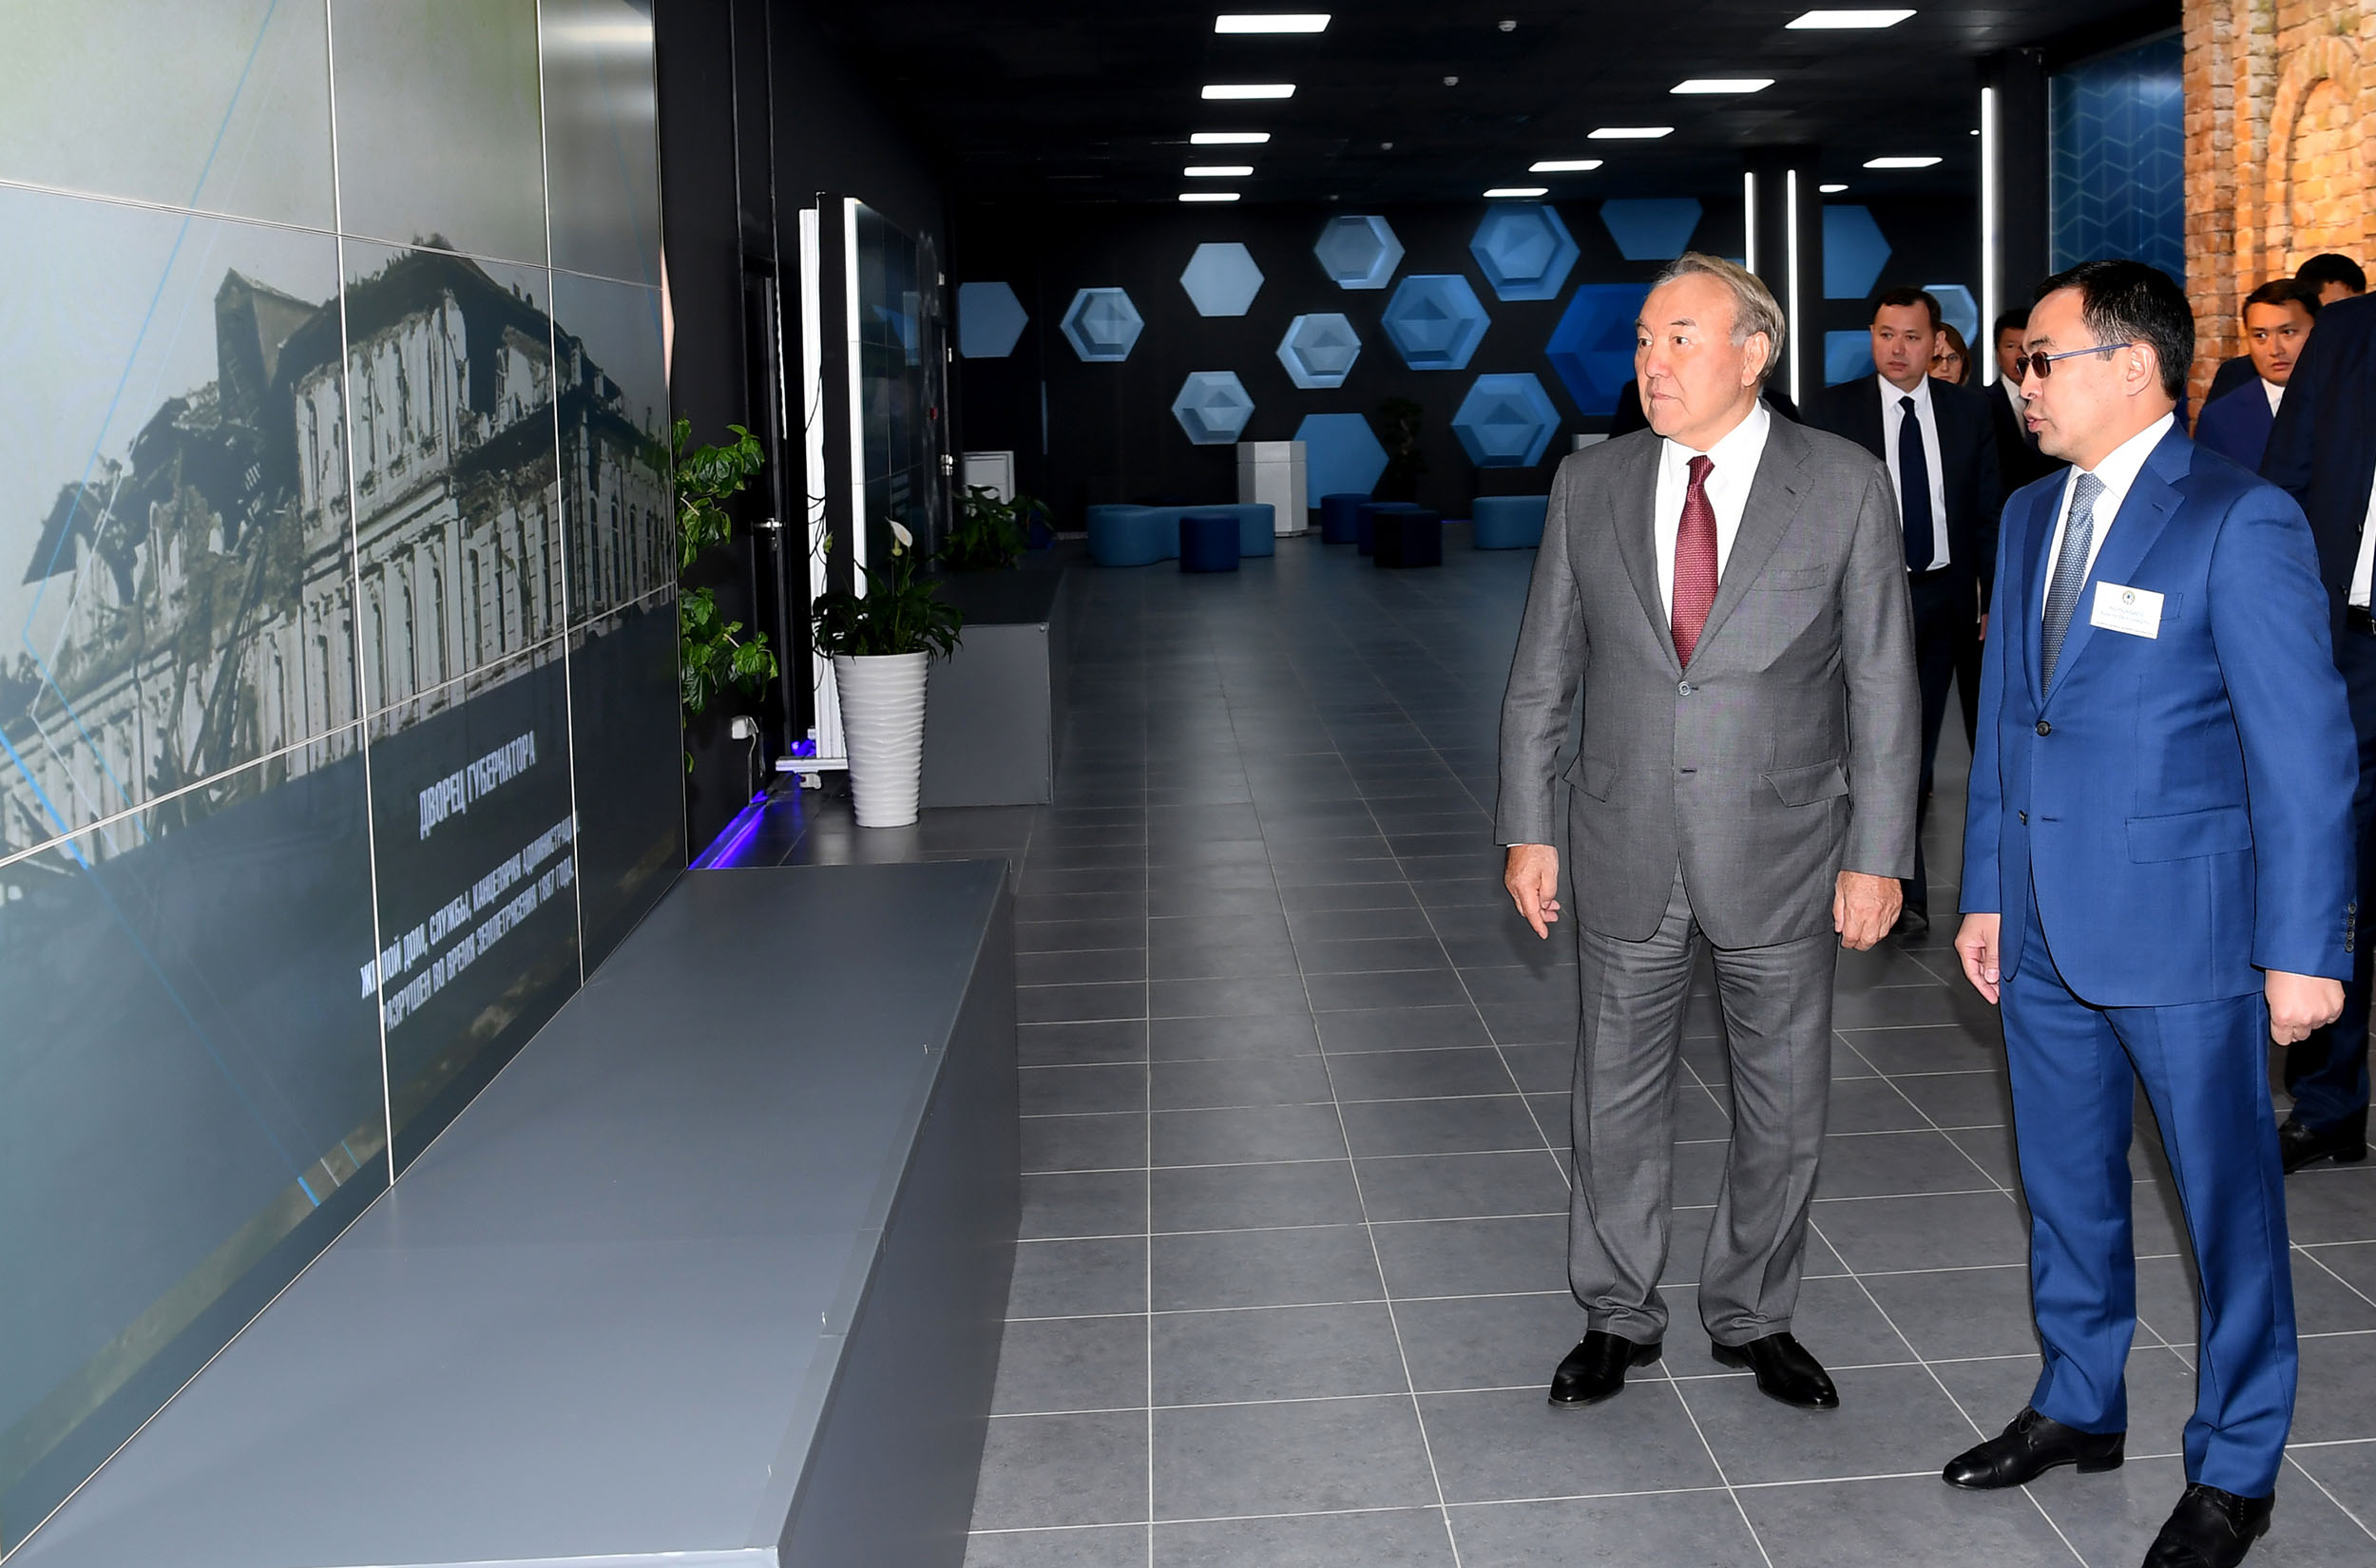 Алматының голографиялық 3D макеті Нұрсұлтан Назарбаевқа көрсетілді